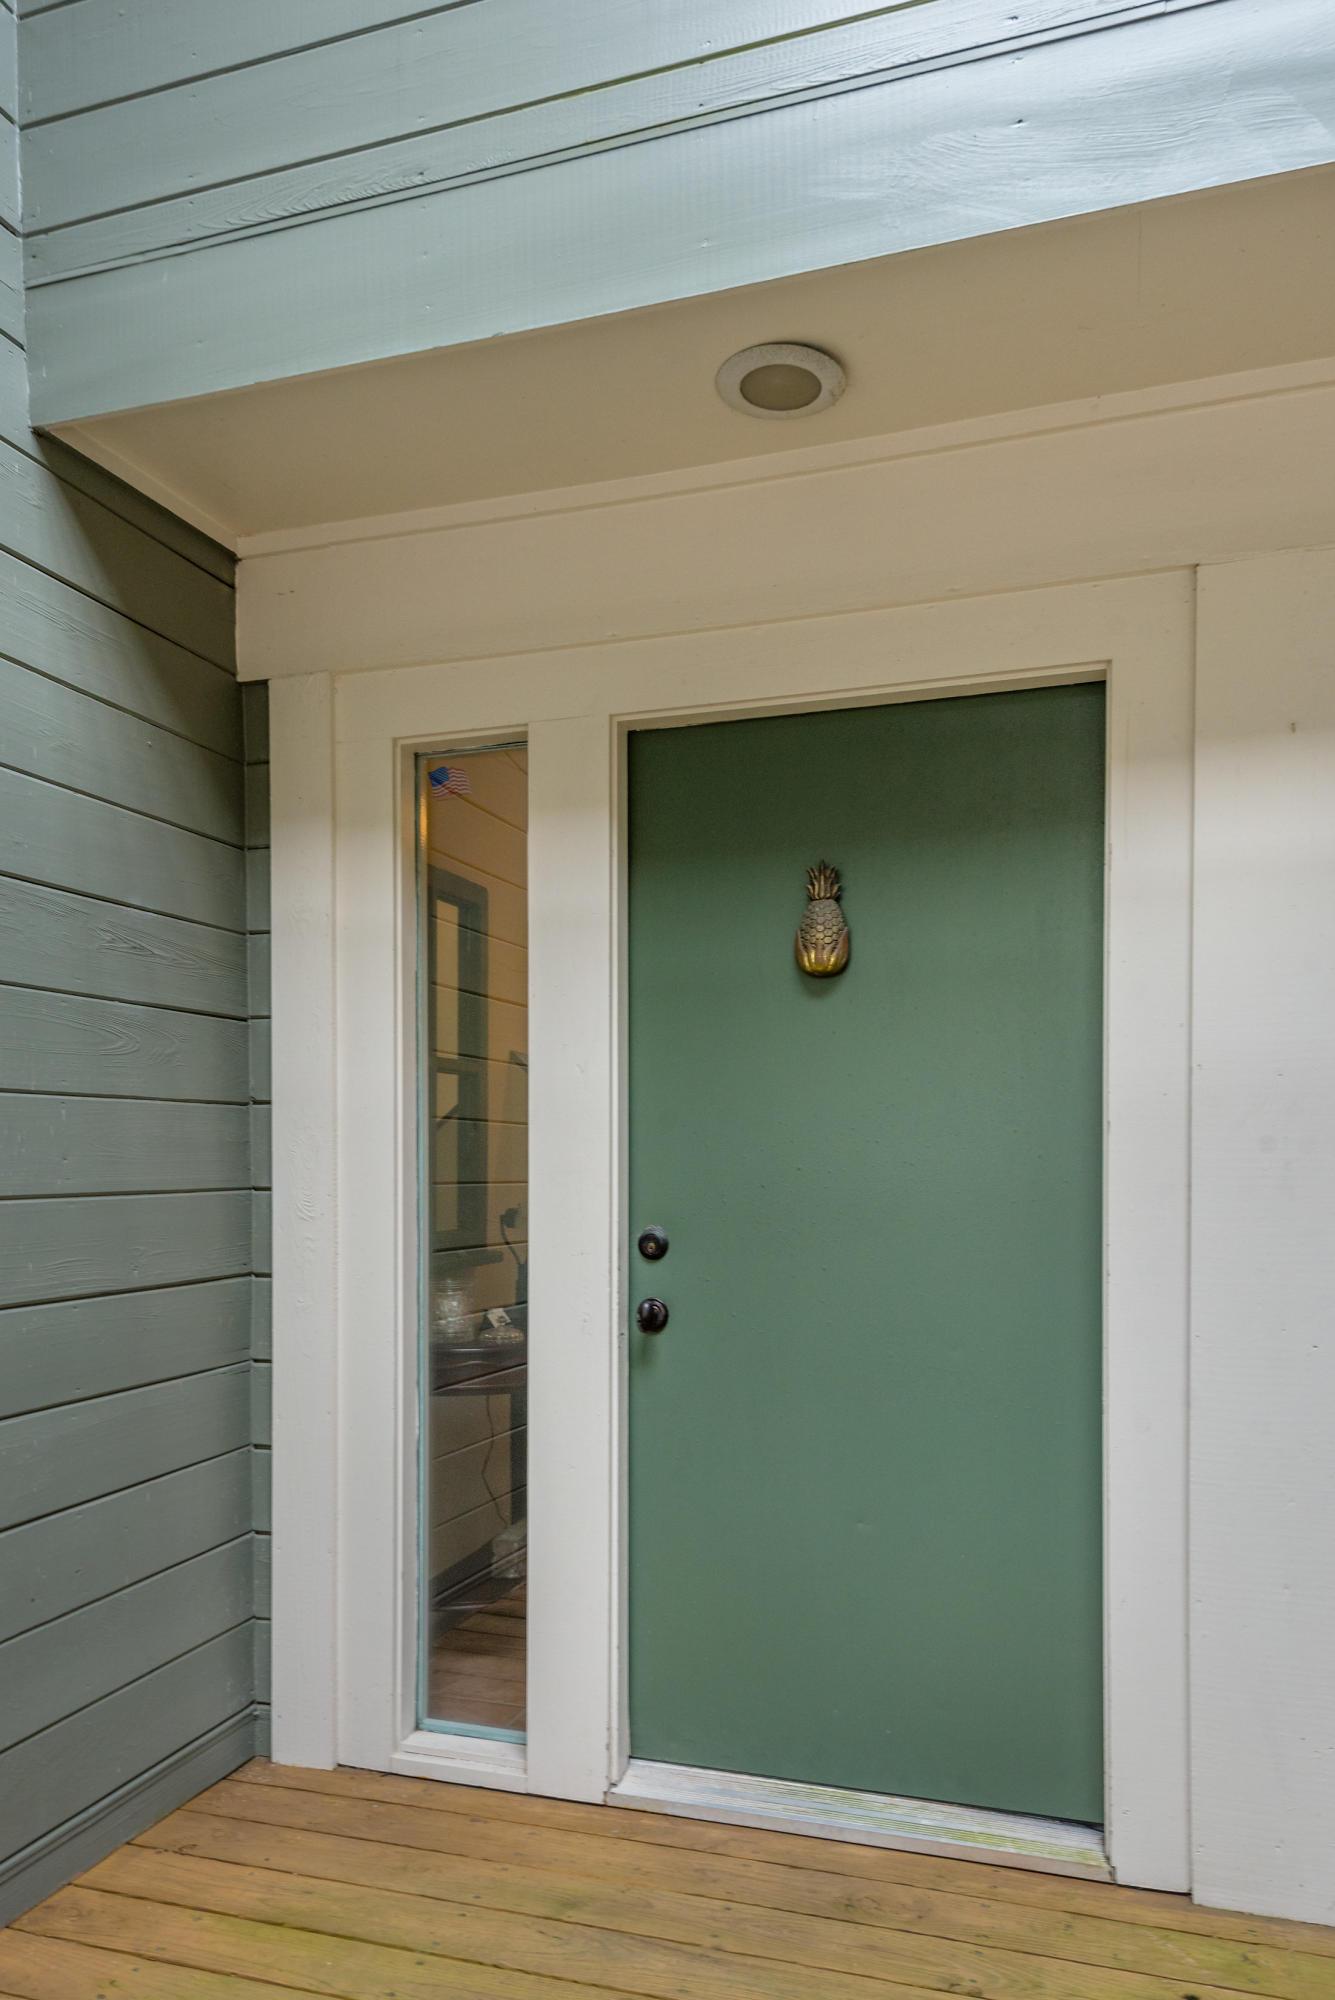 Seabrook Island Homes For Sale - 1701 Live Oak, Seabrook Island, SC - 26